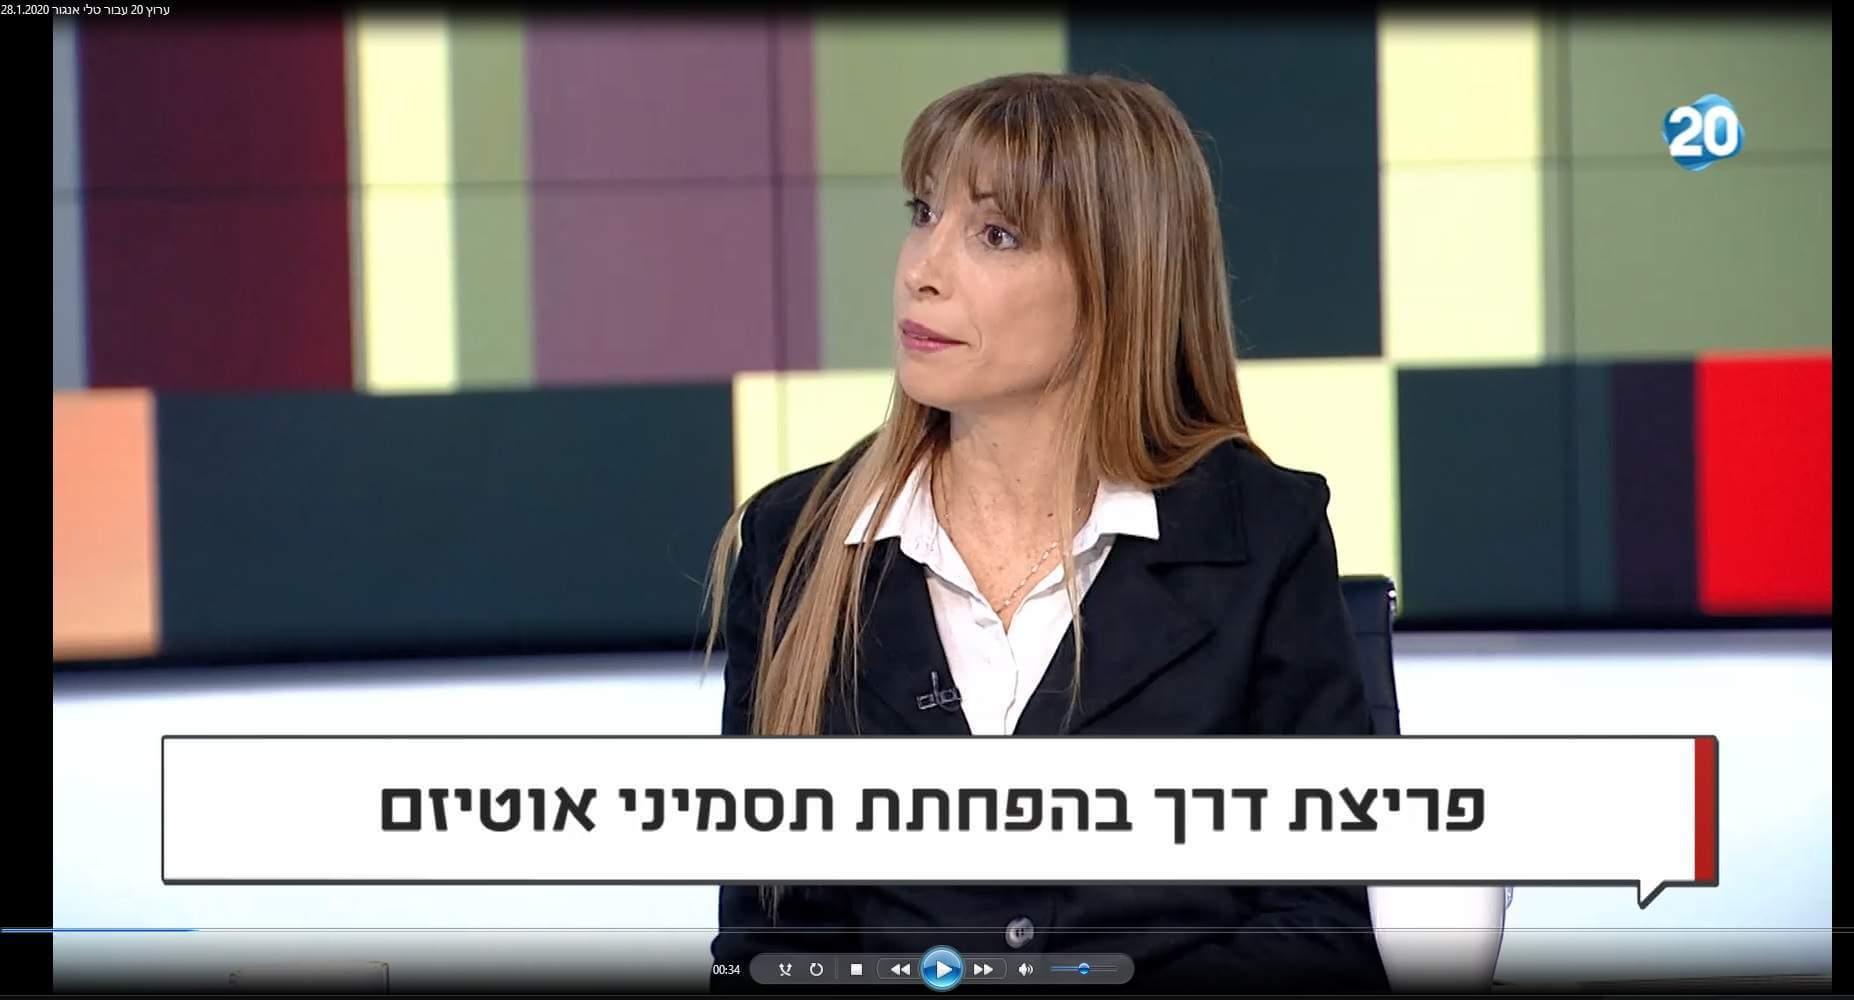 טלי אנגור - Tali Angor - פריצת דרך בהפחתת תסמיני אוטיסם